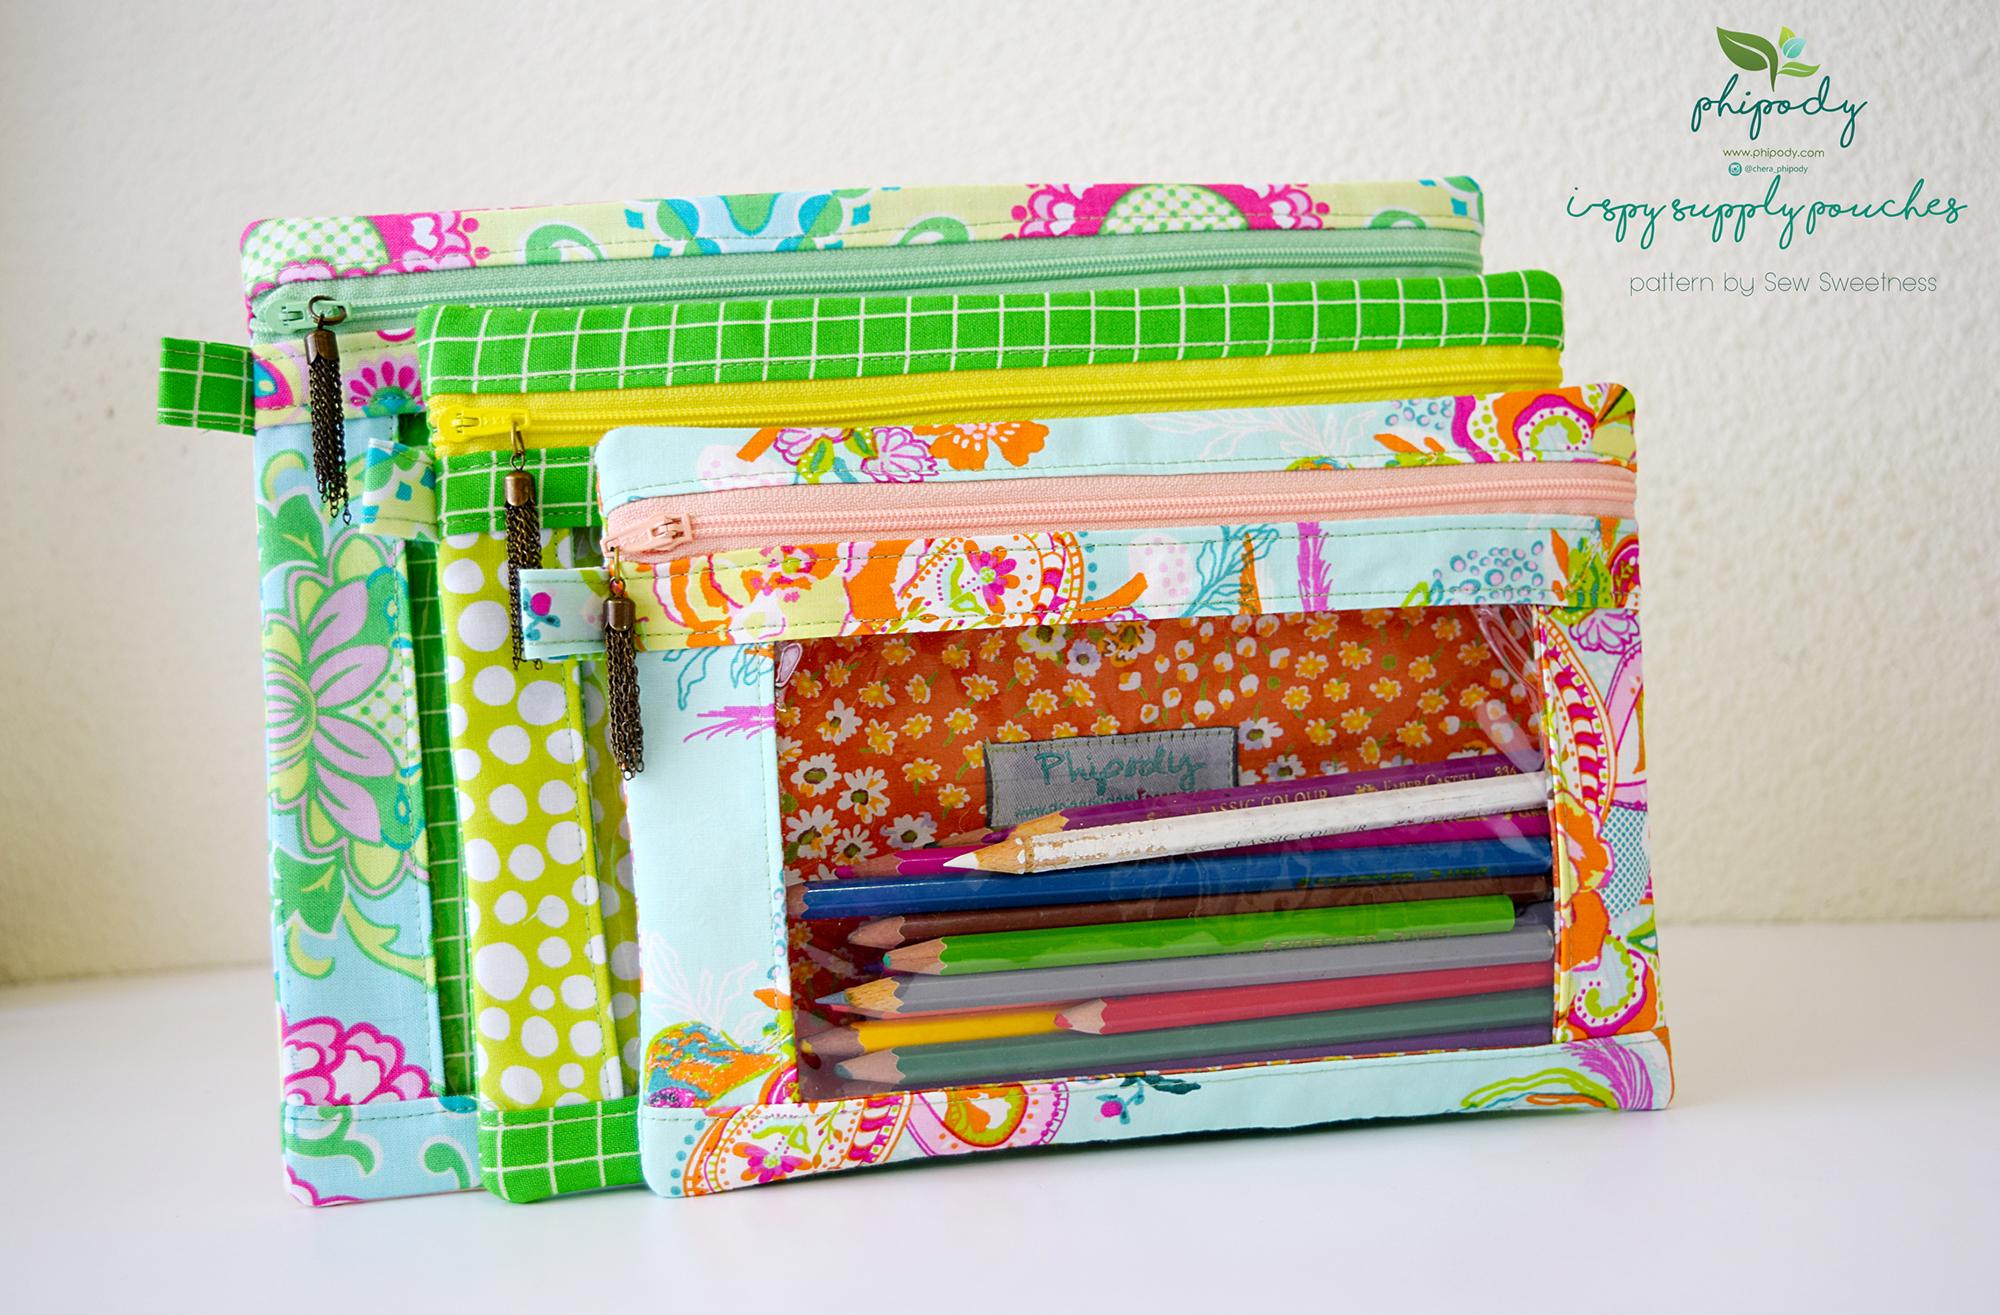 Sew Sweetness Minikins I-Spy Pouches sewing pattern, sewn by Chera